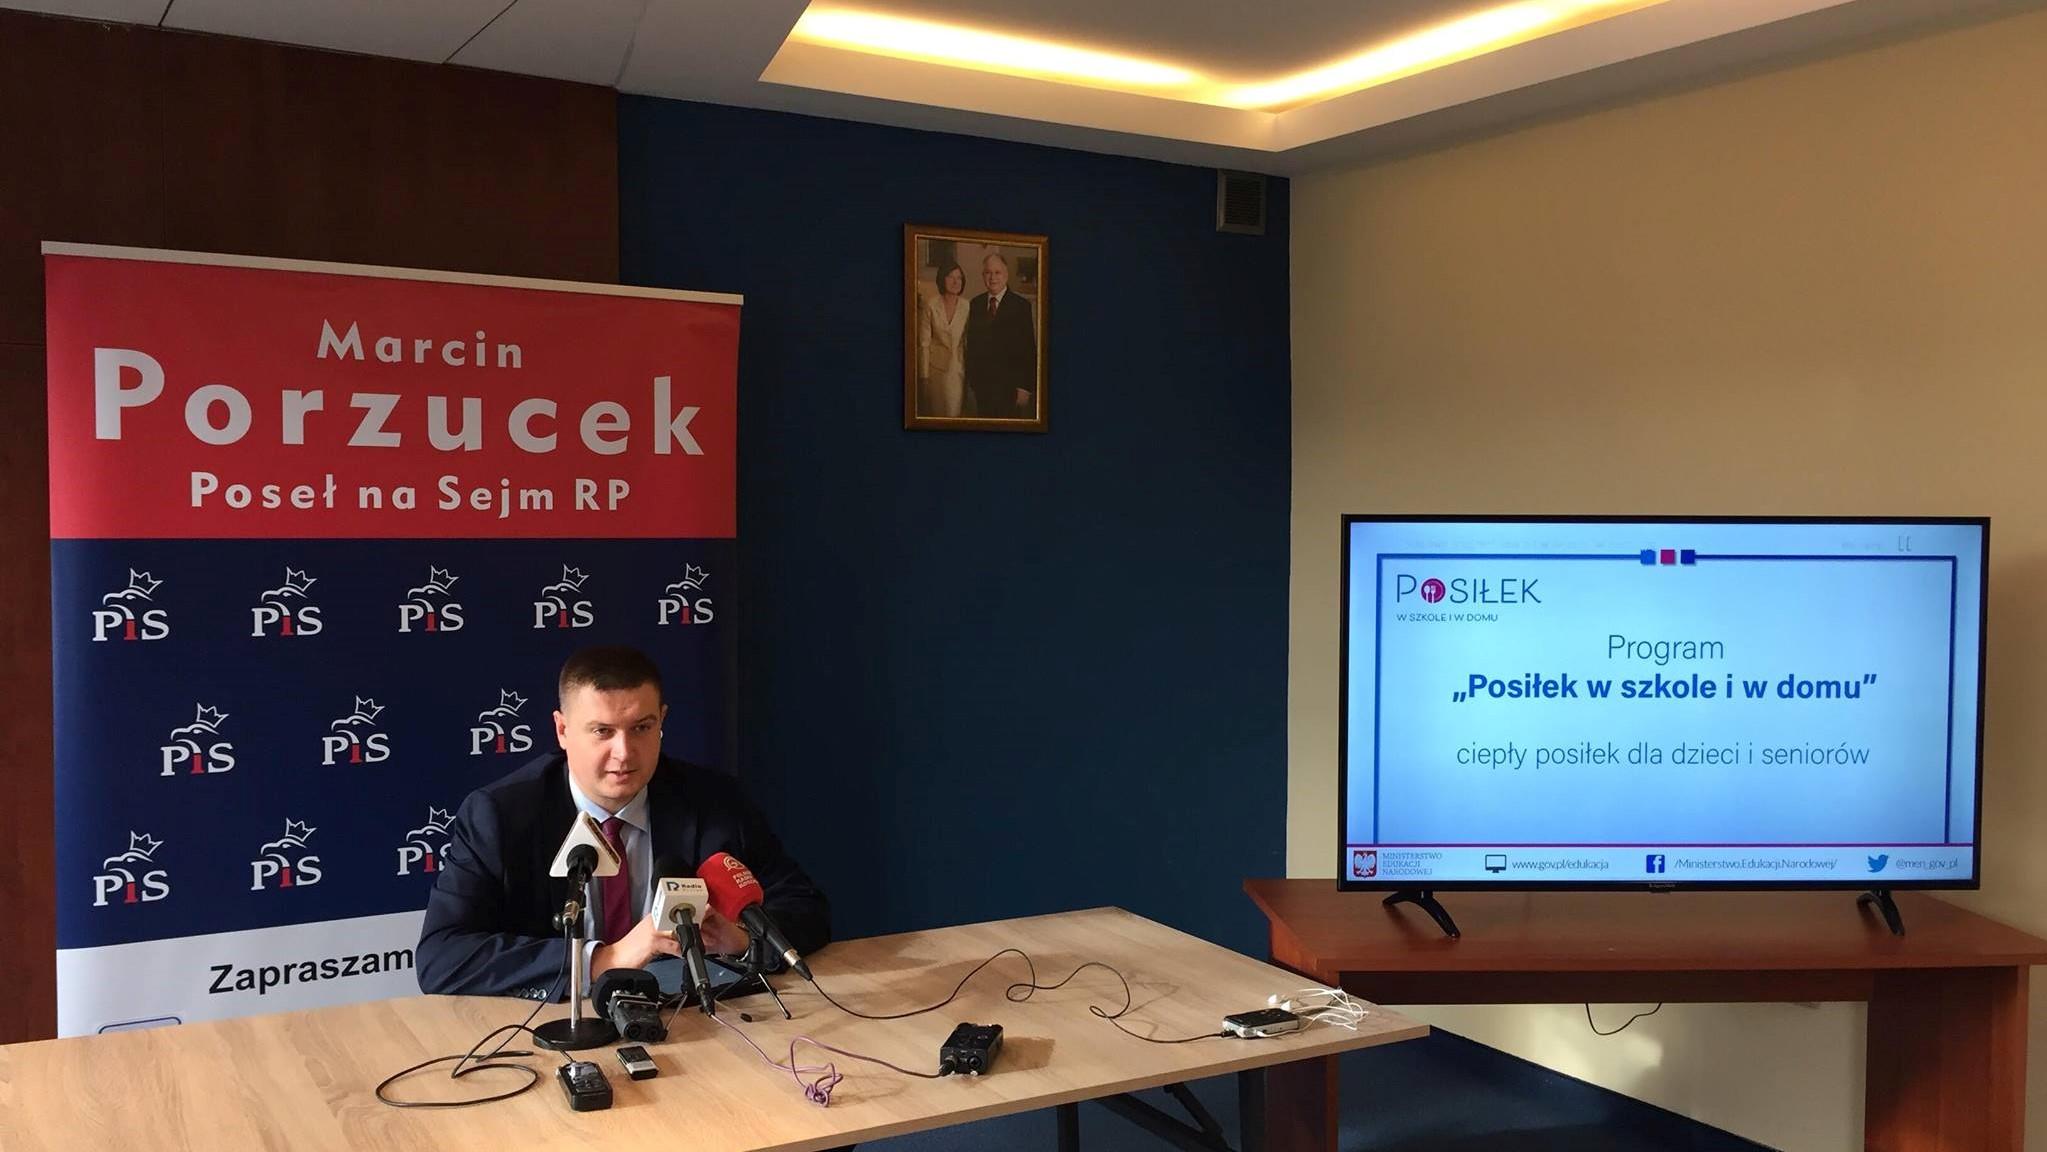 program Posiłek w szkole i w domu piła marcin porzucek - Przemysław Stochaj